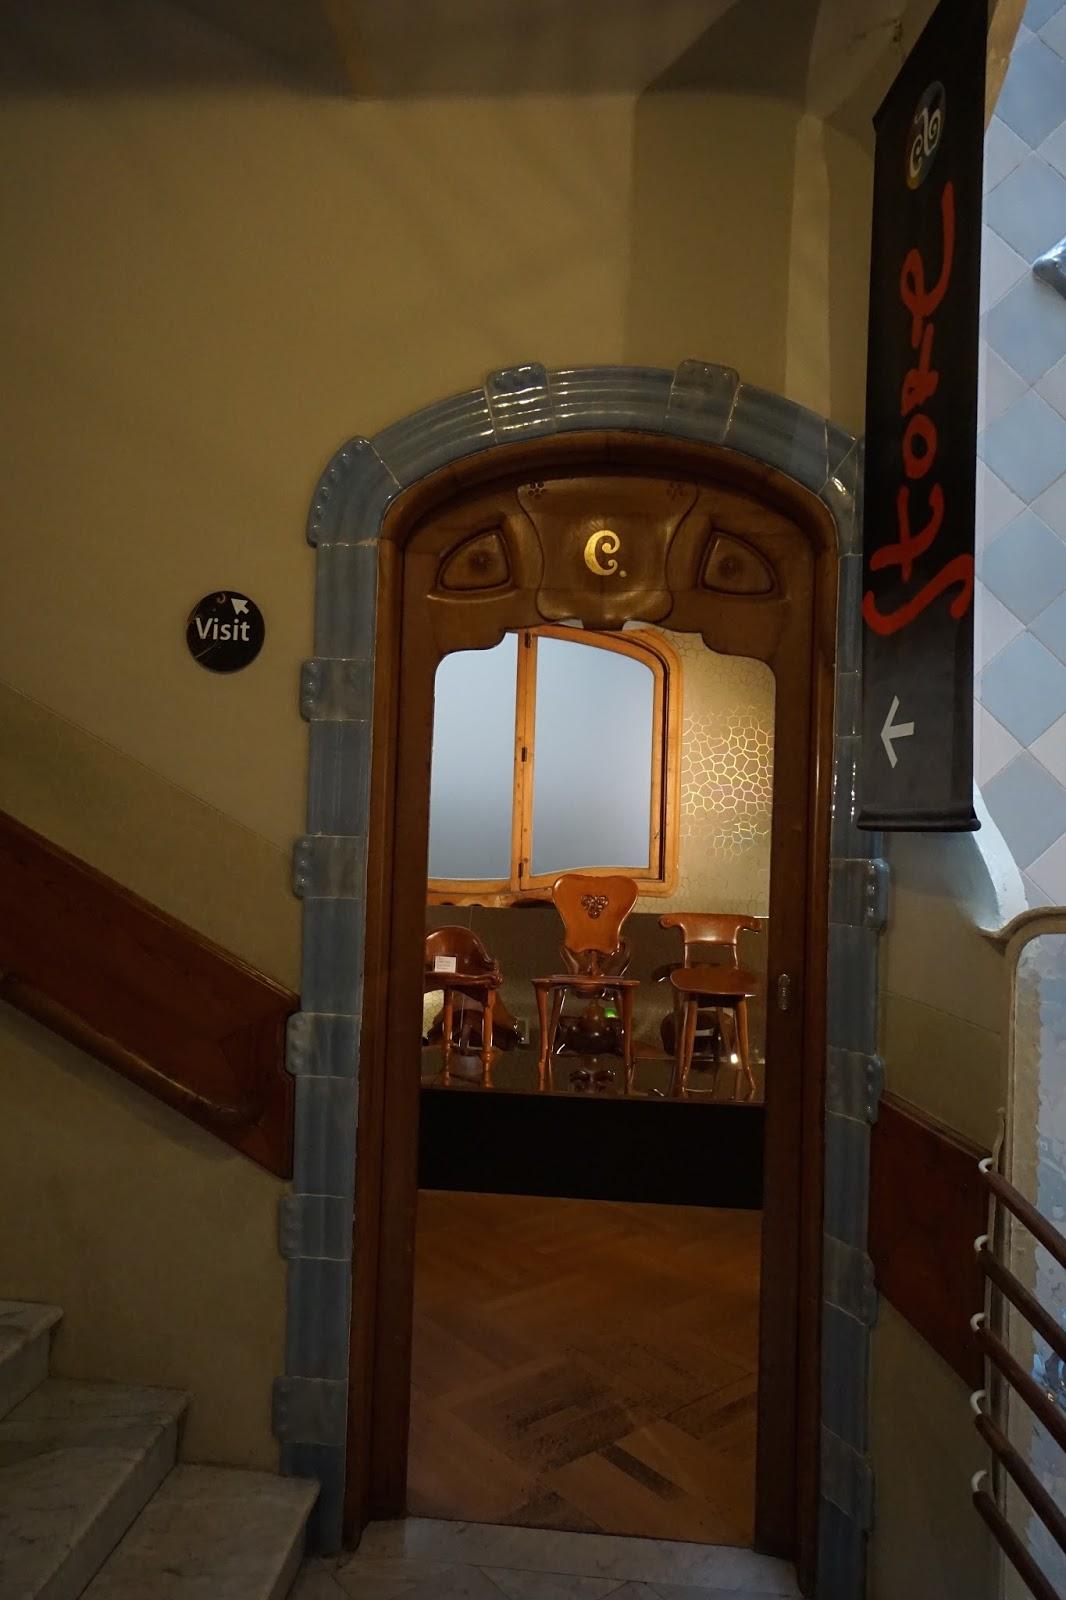 カサ・バトリョ(Casa Batlló) 展示室とお土産屋さんの入口